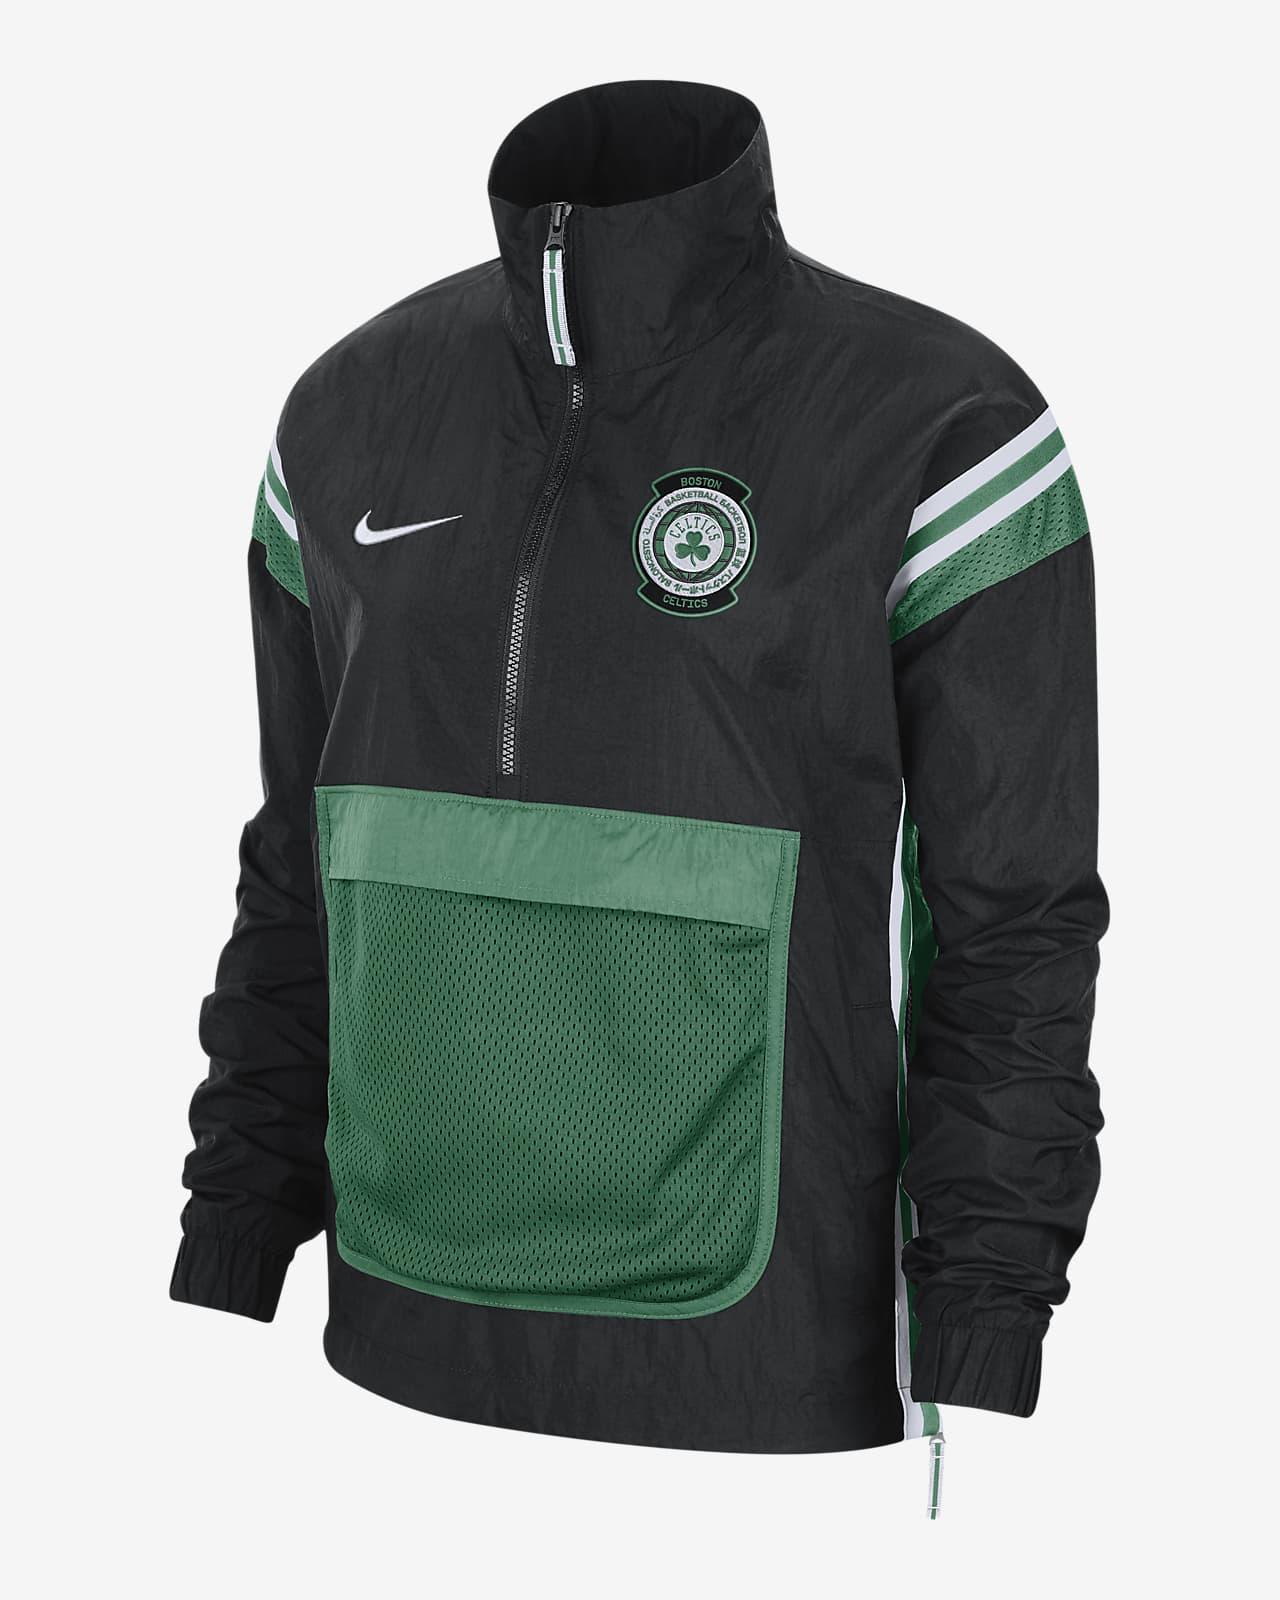 Celtics Courtside Women's Nike NBA Tracksuit Jacket